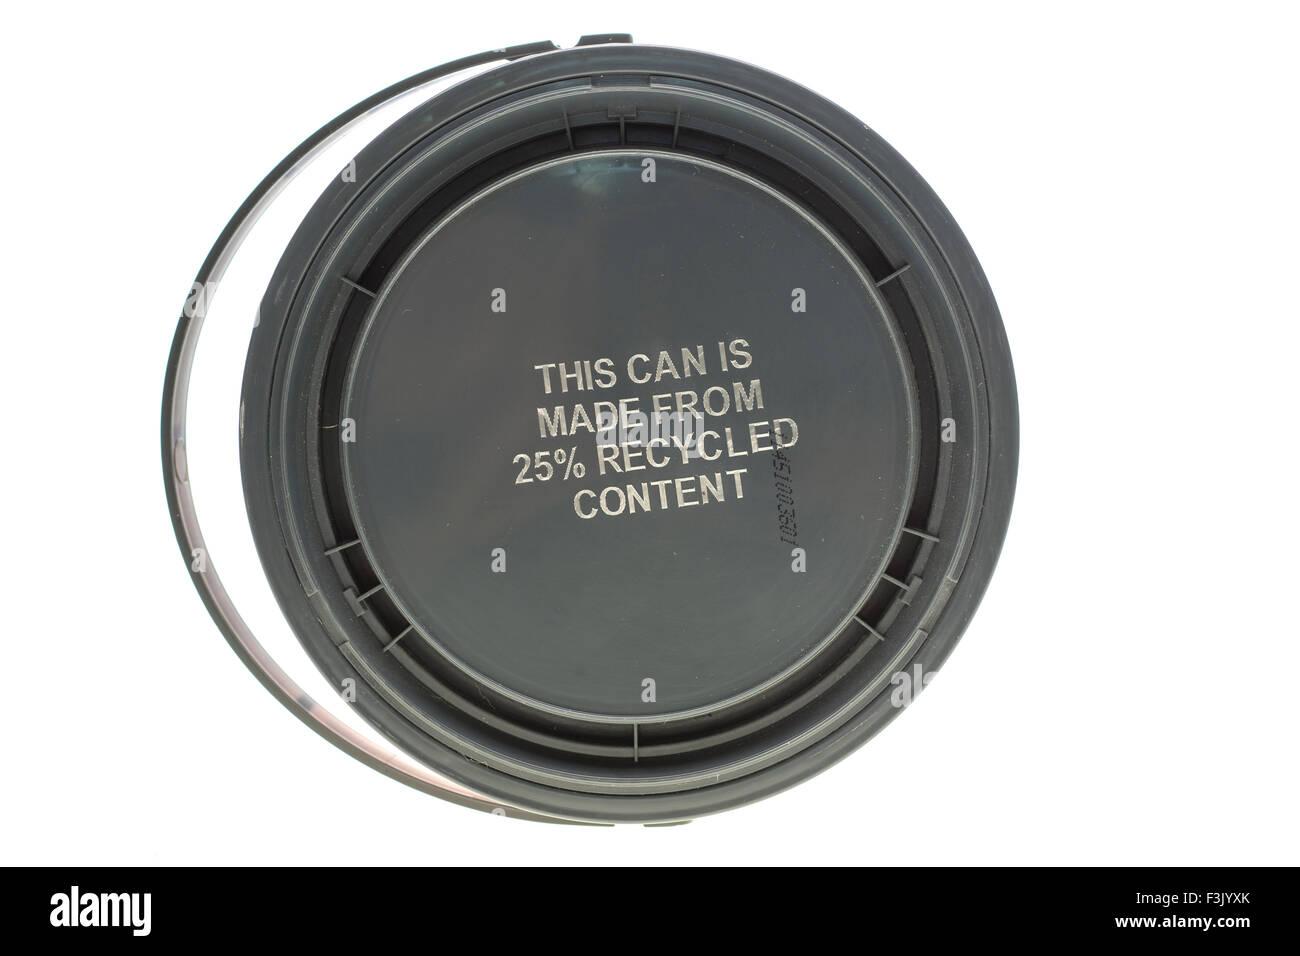 Questo può è costituito da 25% di prodotto riciclato Immagini Stock